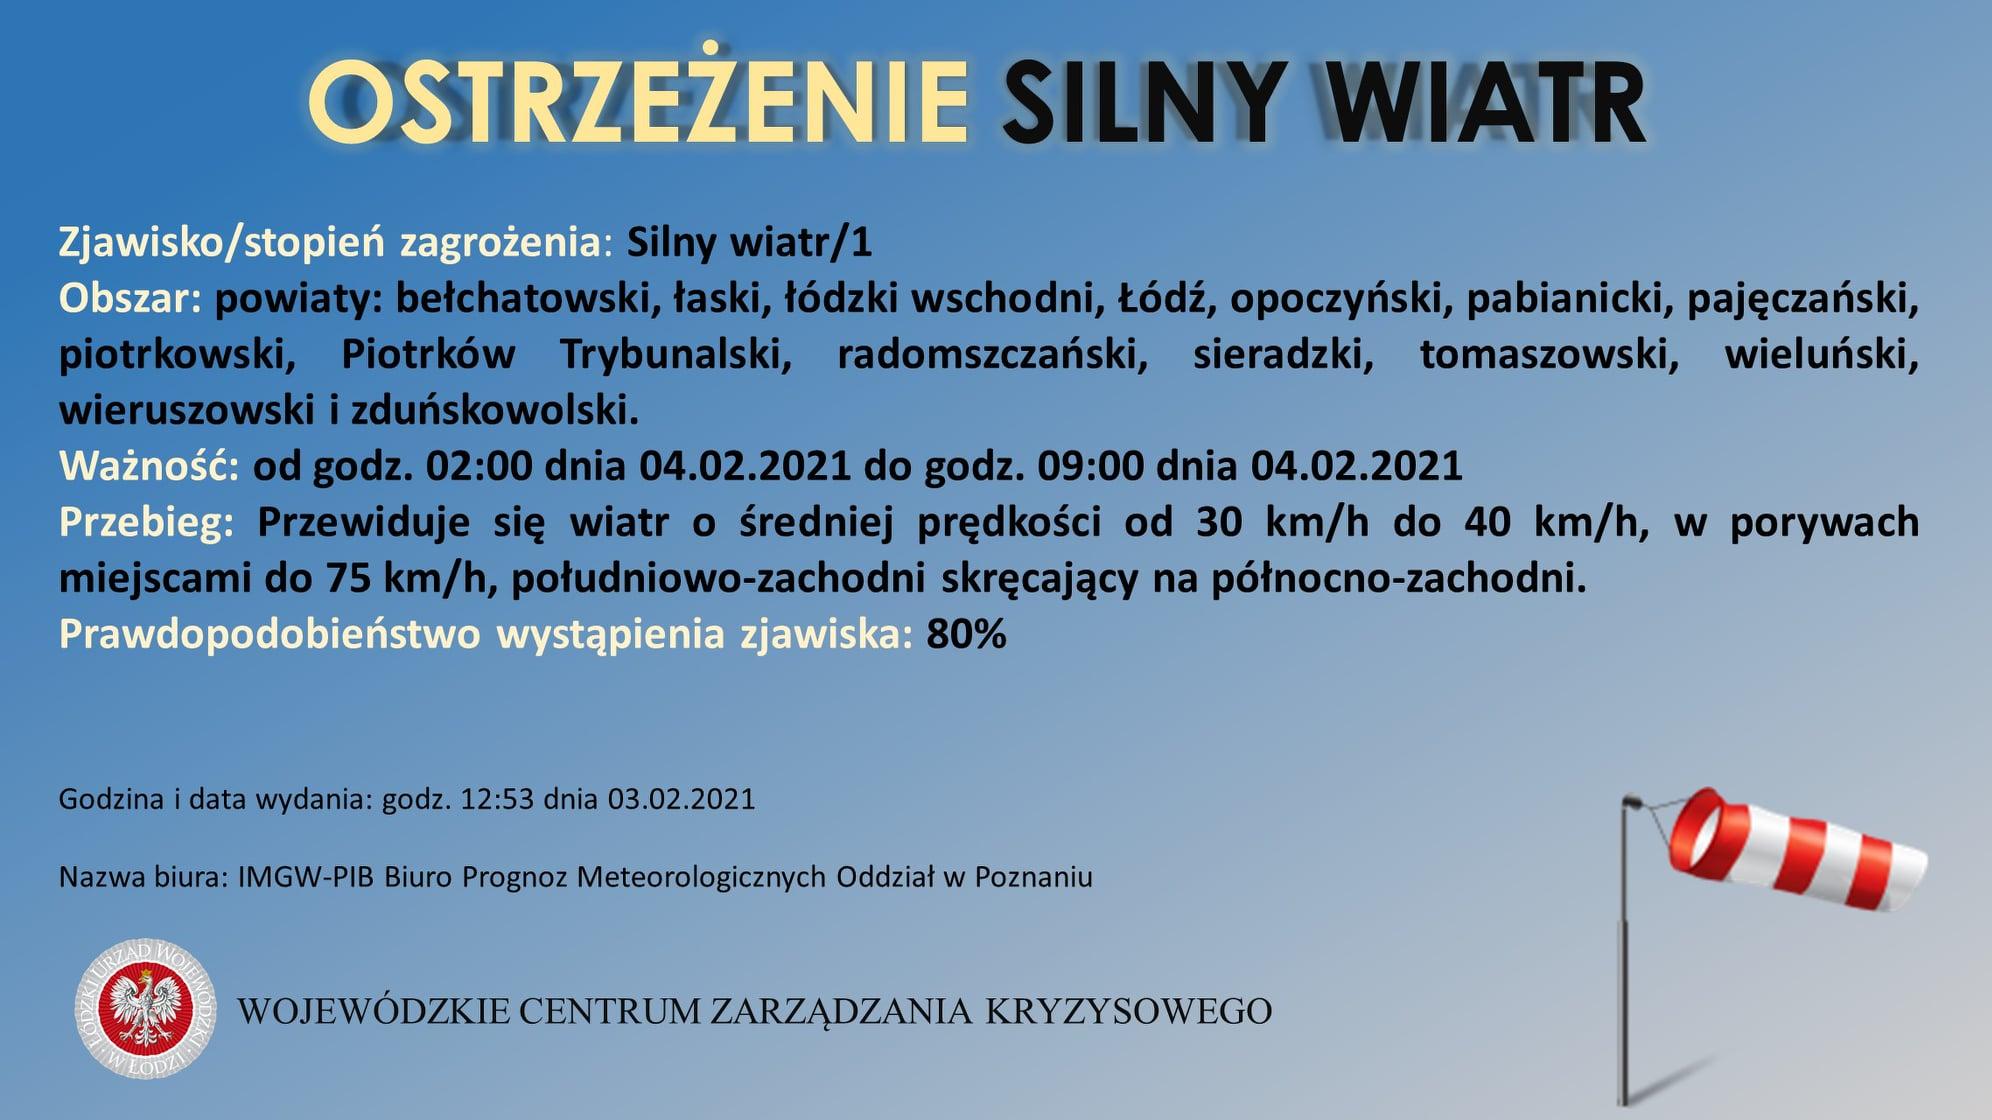 Ostrzeżenie meteorologiczne  Zjawisko: Silny wiatr/1  Obszar: bełchatowski, łask...